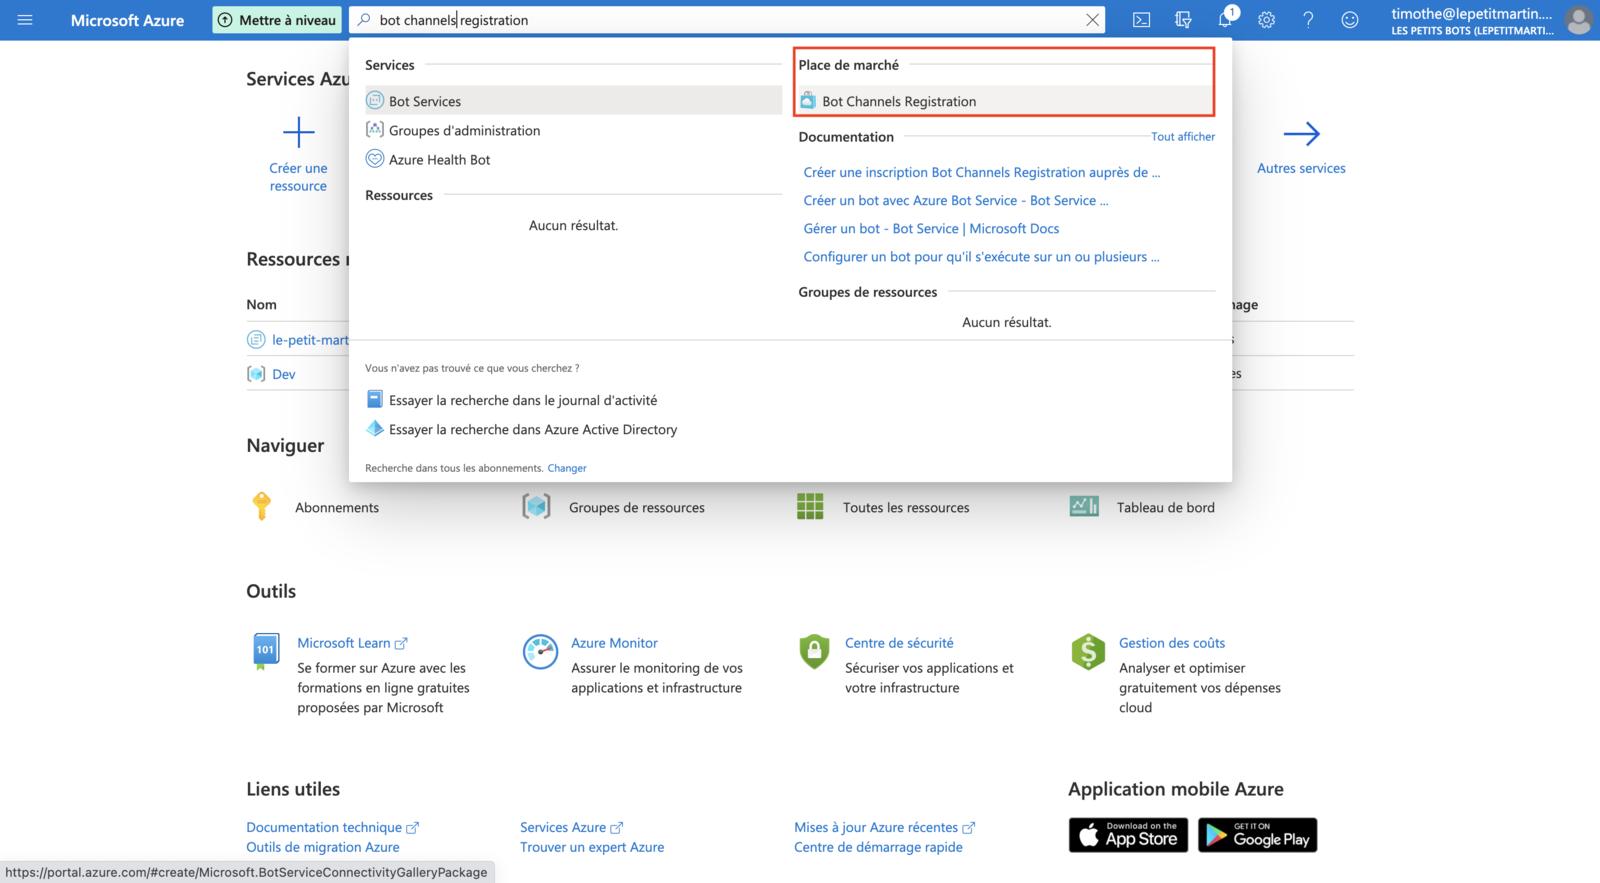 Accès à la création du chatbot sur Microsoft Azure